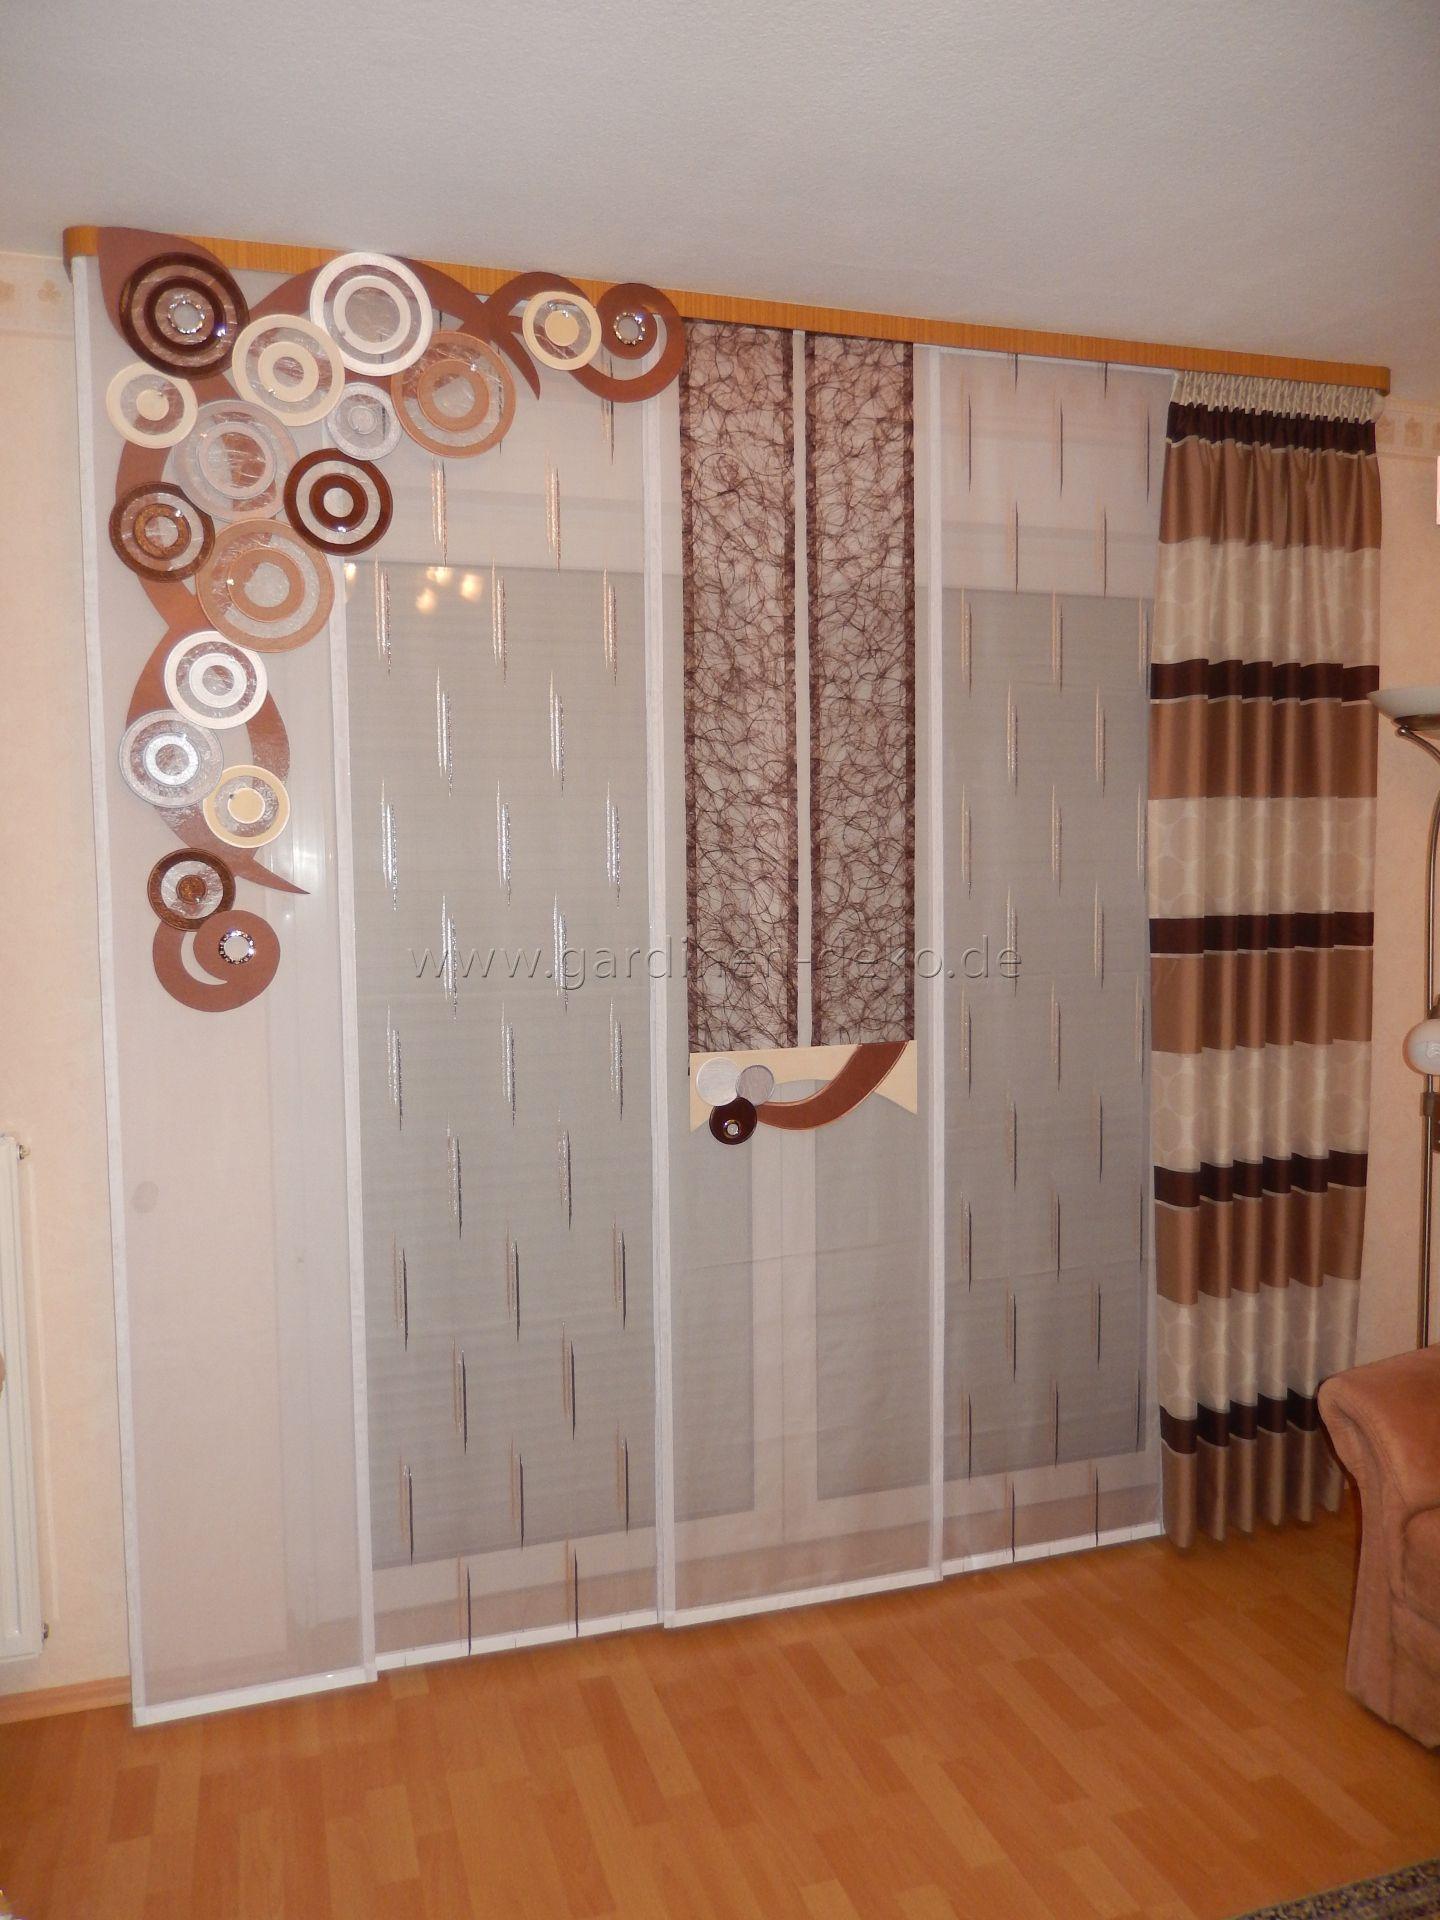 ehrfurchtiges gardine store wohnzimmer stockfotos abbild und dabbcabddedbfcaaaefb